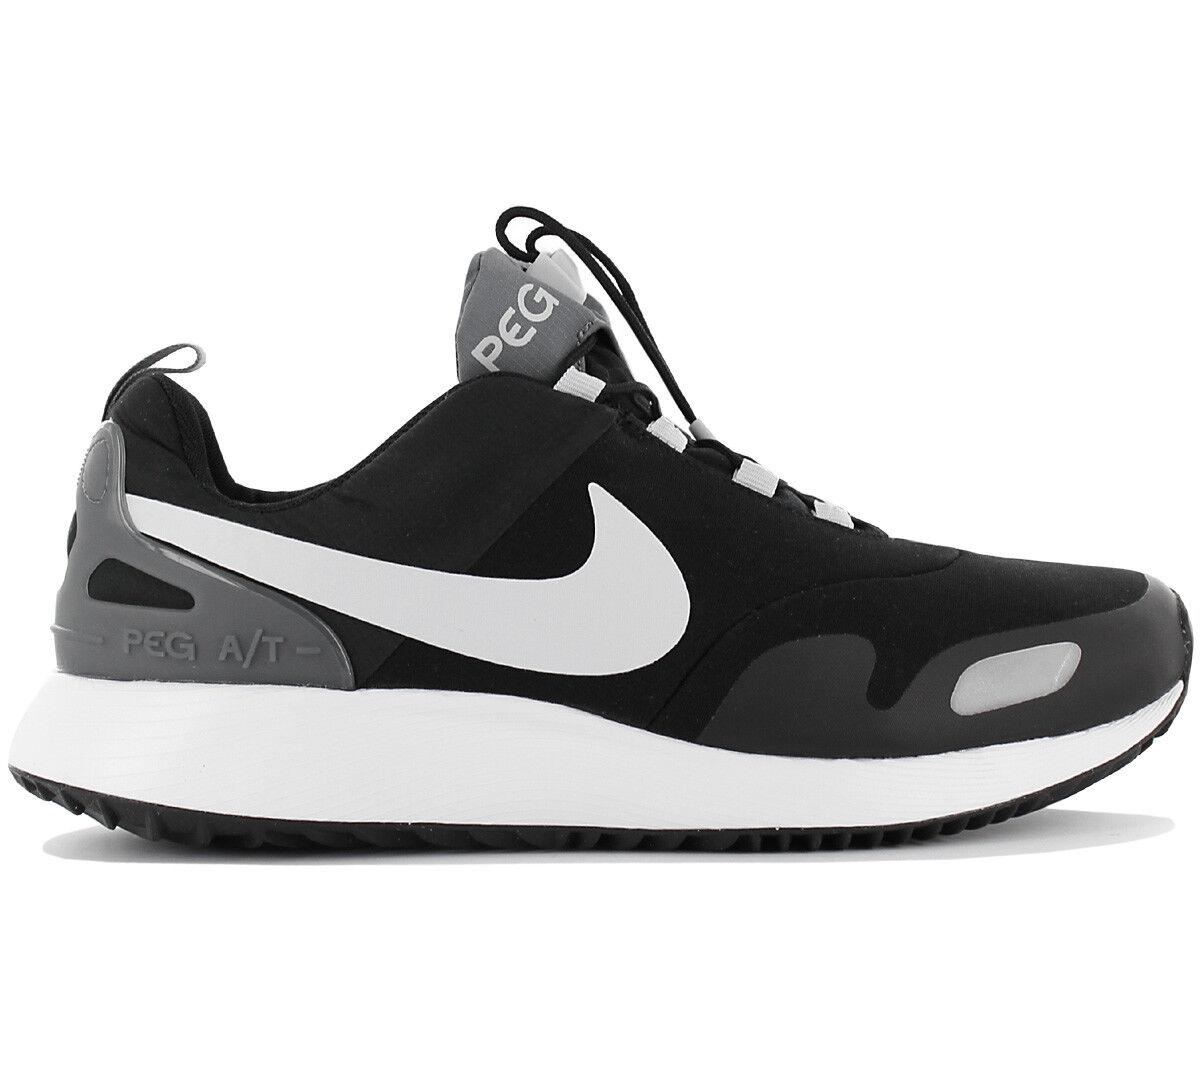 Nike Air Pegasus a   T Zapatillas Estilo Estilo Estilo Deportivas para Hombre Negro 924469-003 bf6683